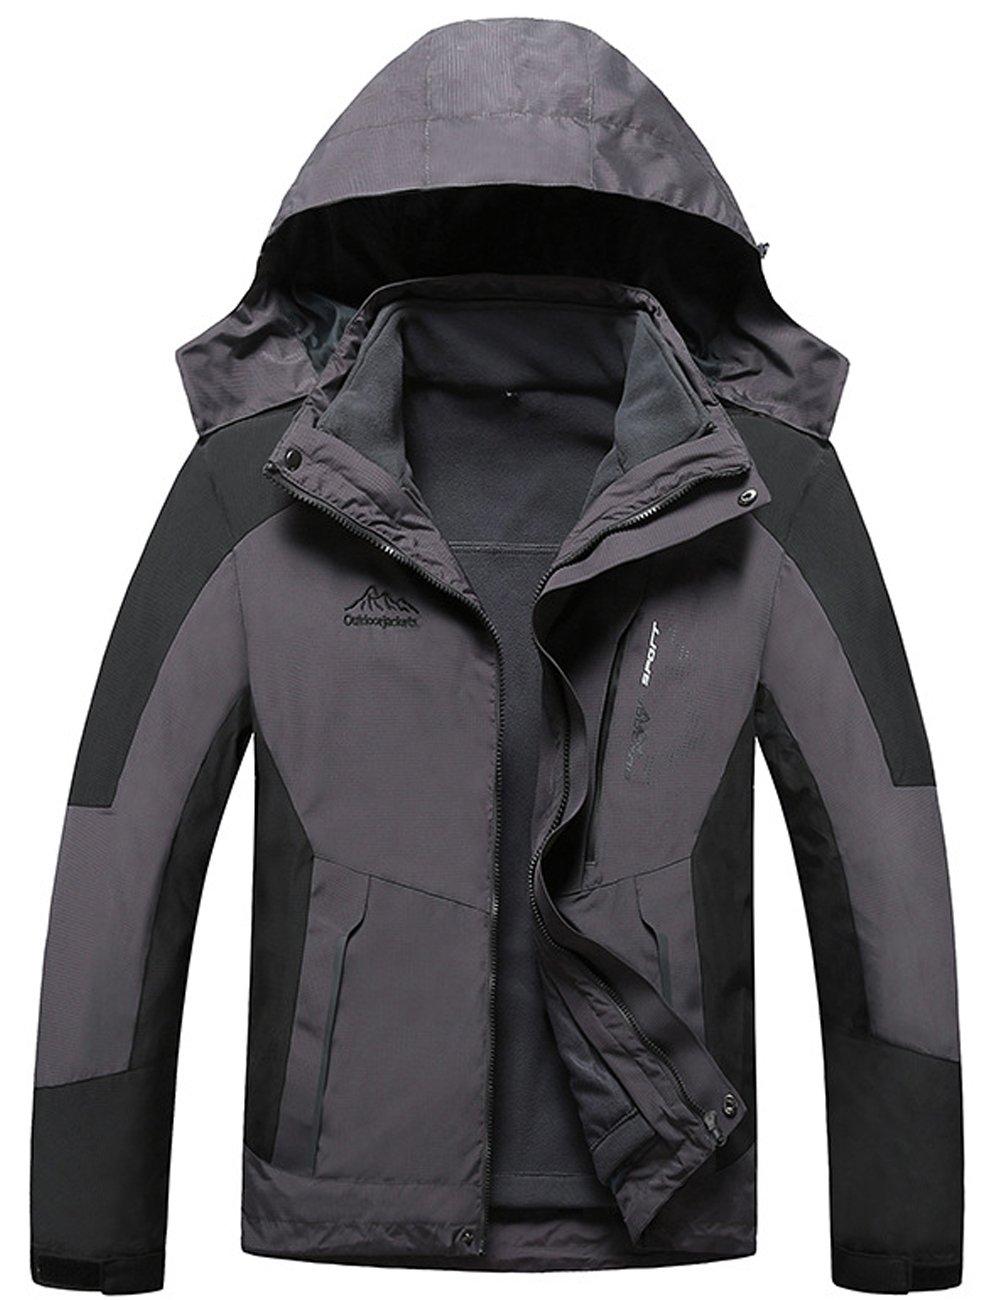 Menschwear OUTERWEAR メンズ B076KJPYPT 3L|Black 8820 Black 8820 3L